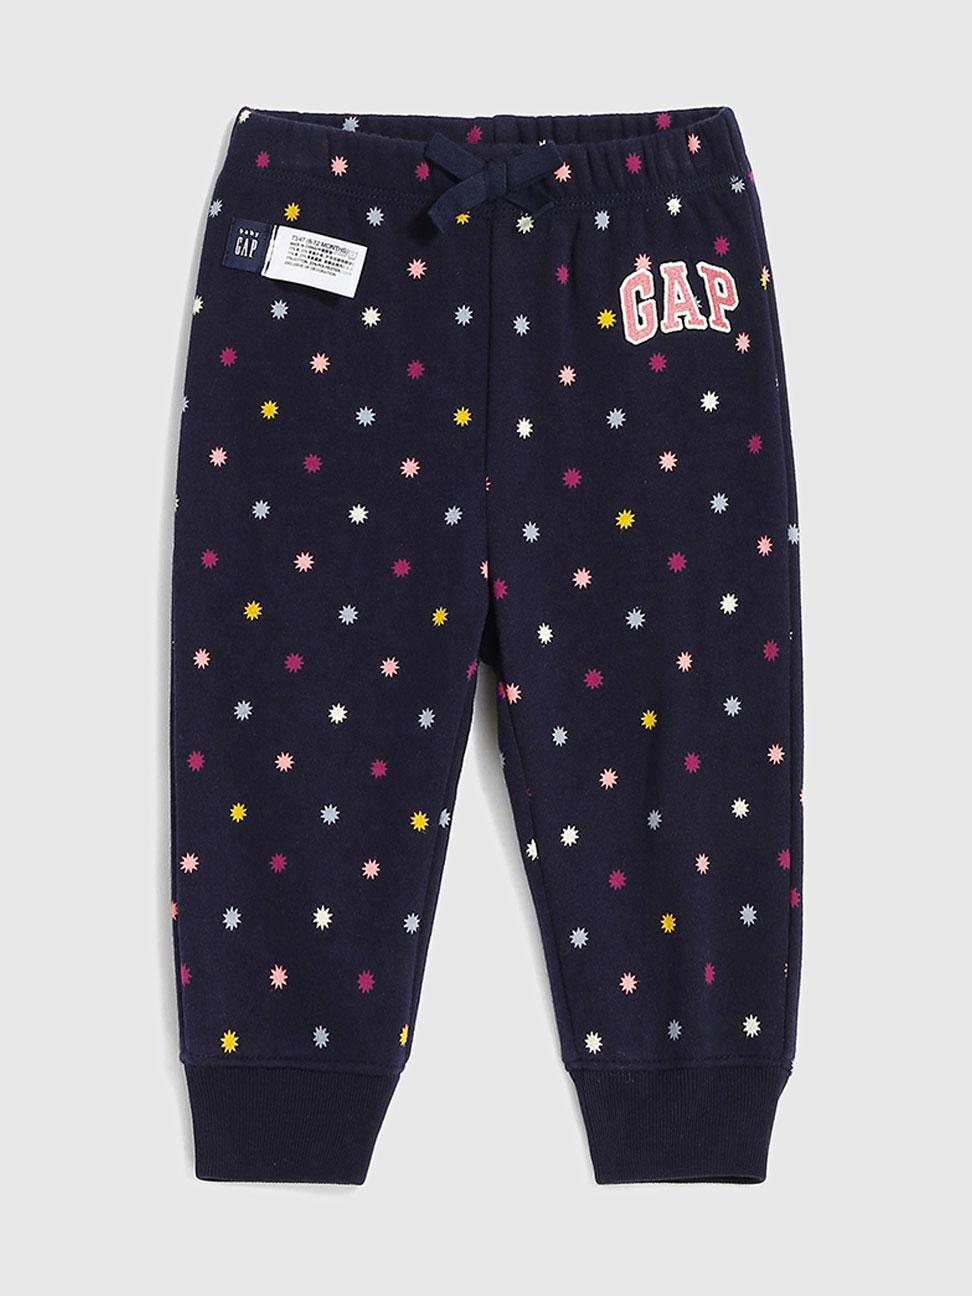 嬰兒 Logo可愛印花鬆緊針織褲